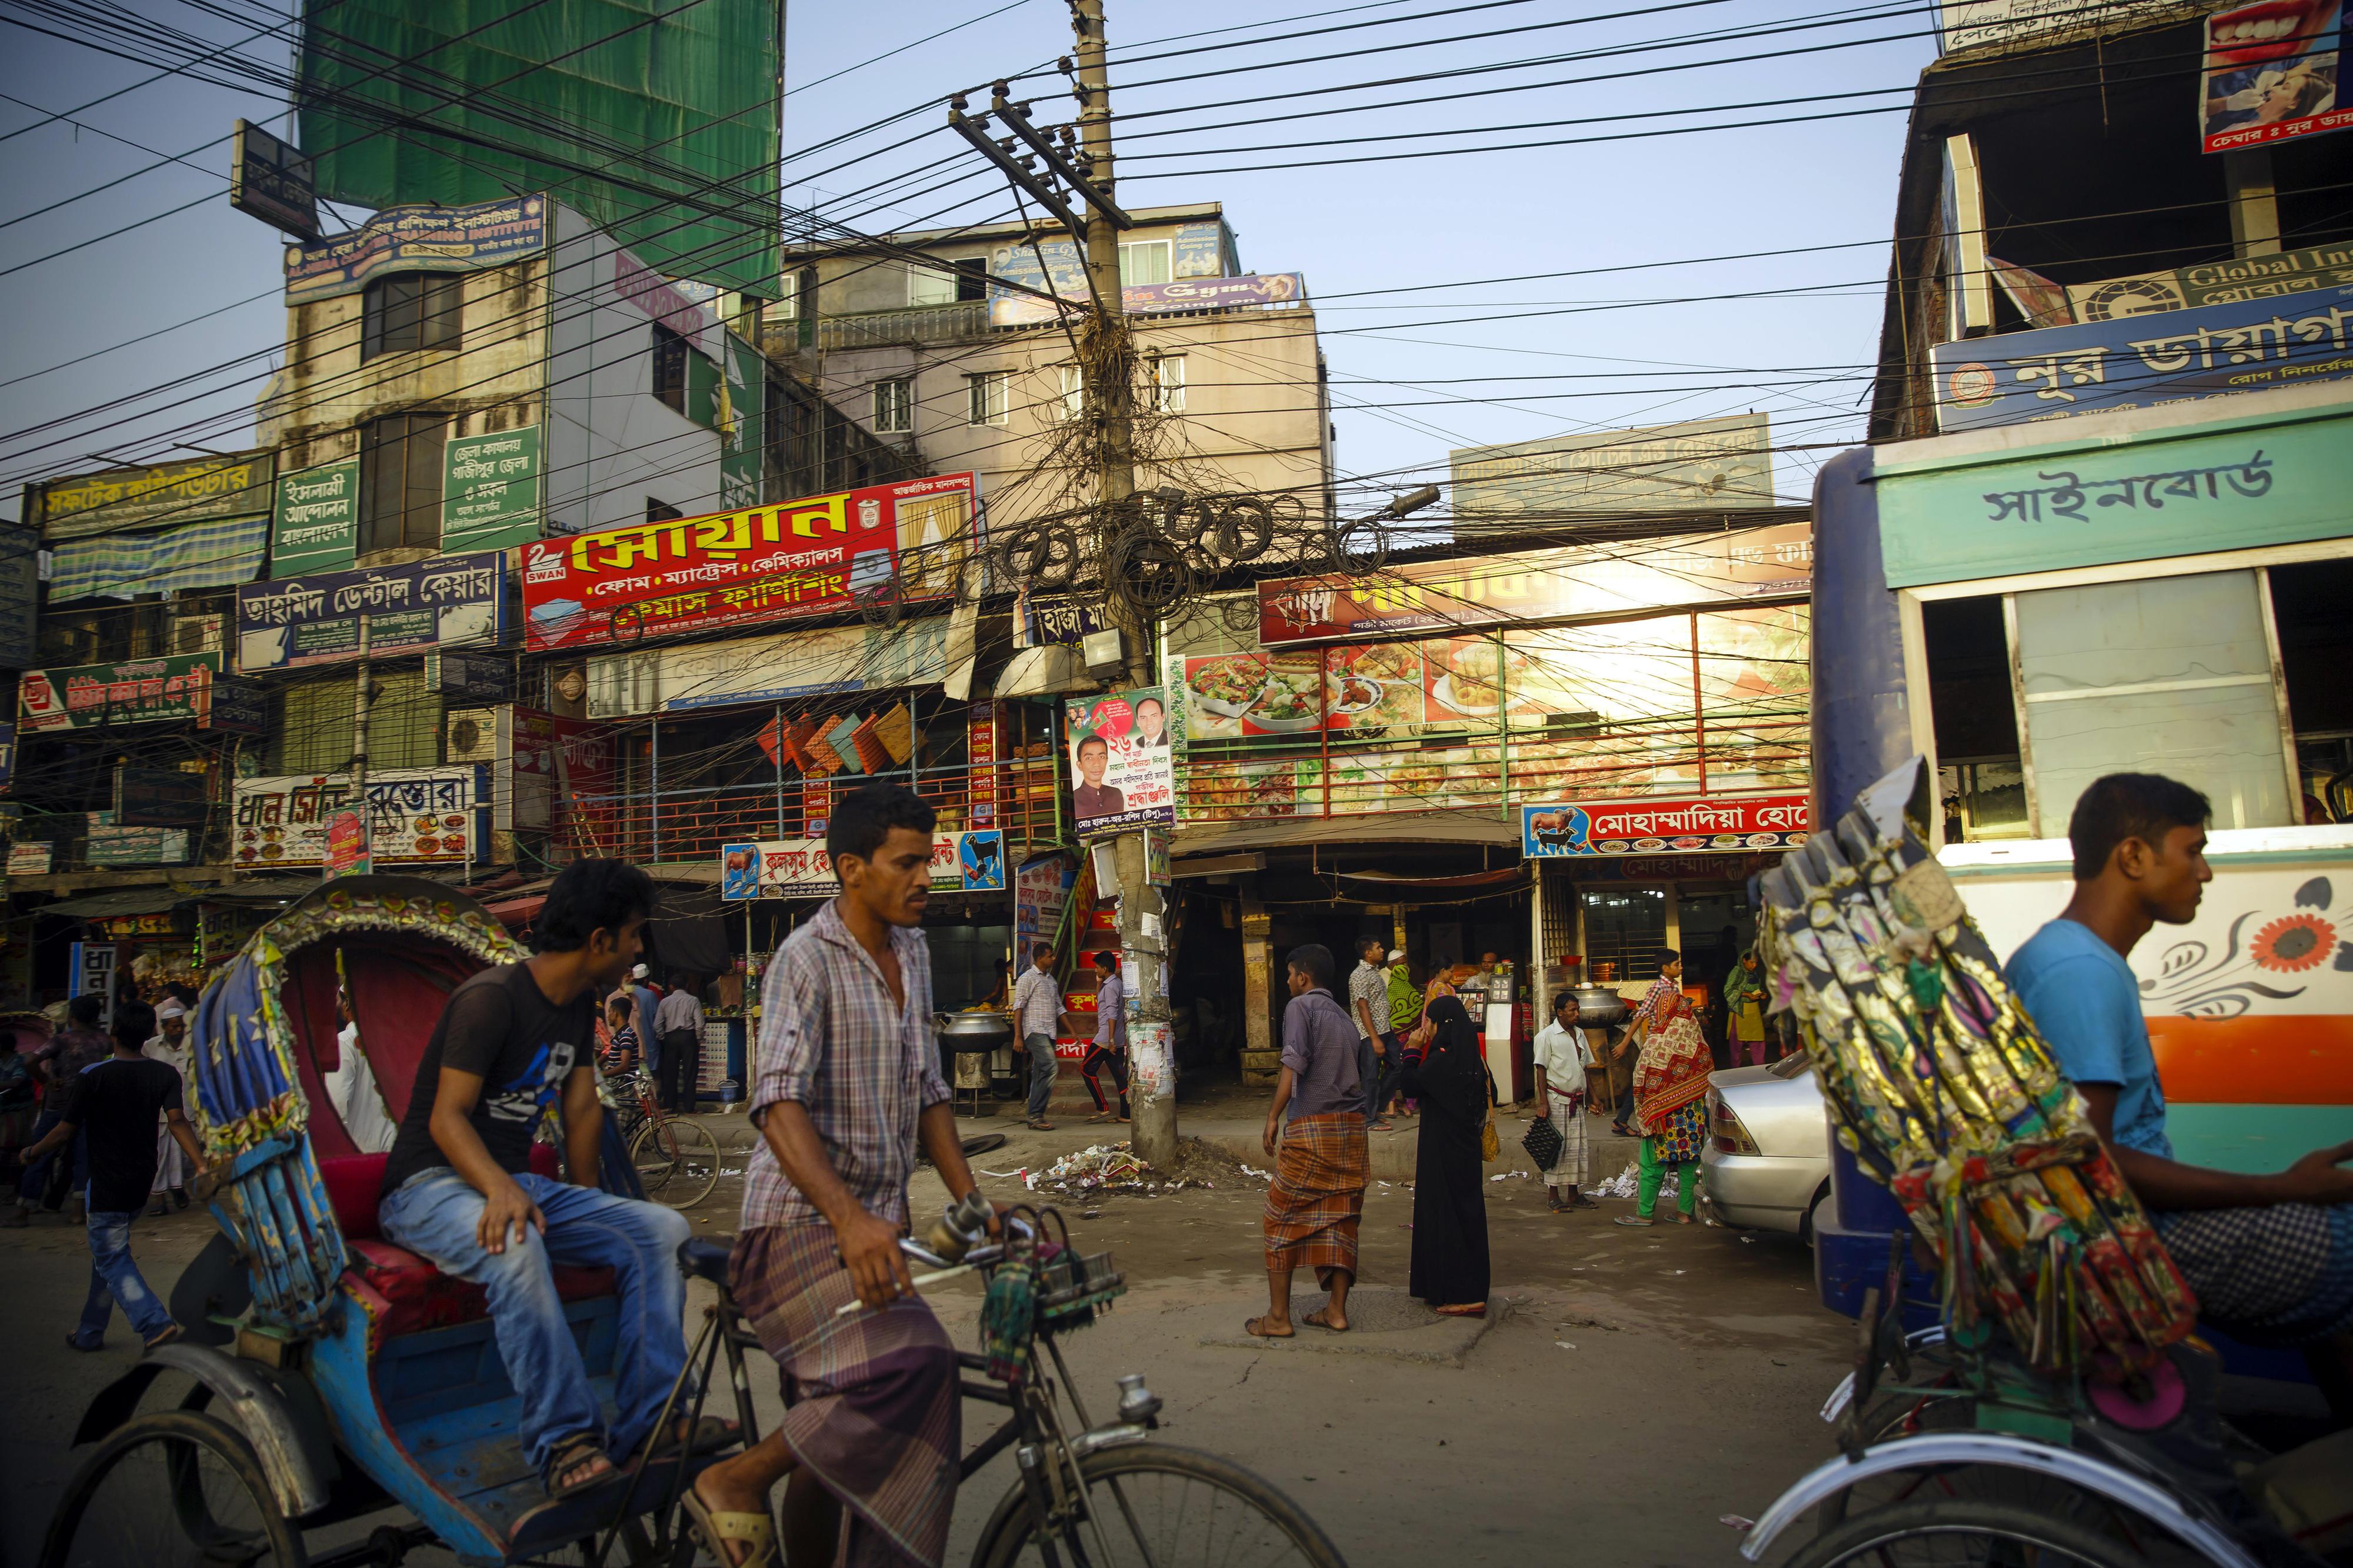 Straßenszene in Dhaka, der Hauptstadt von Bangladesch